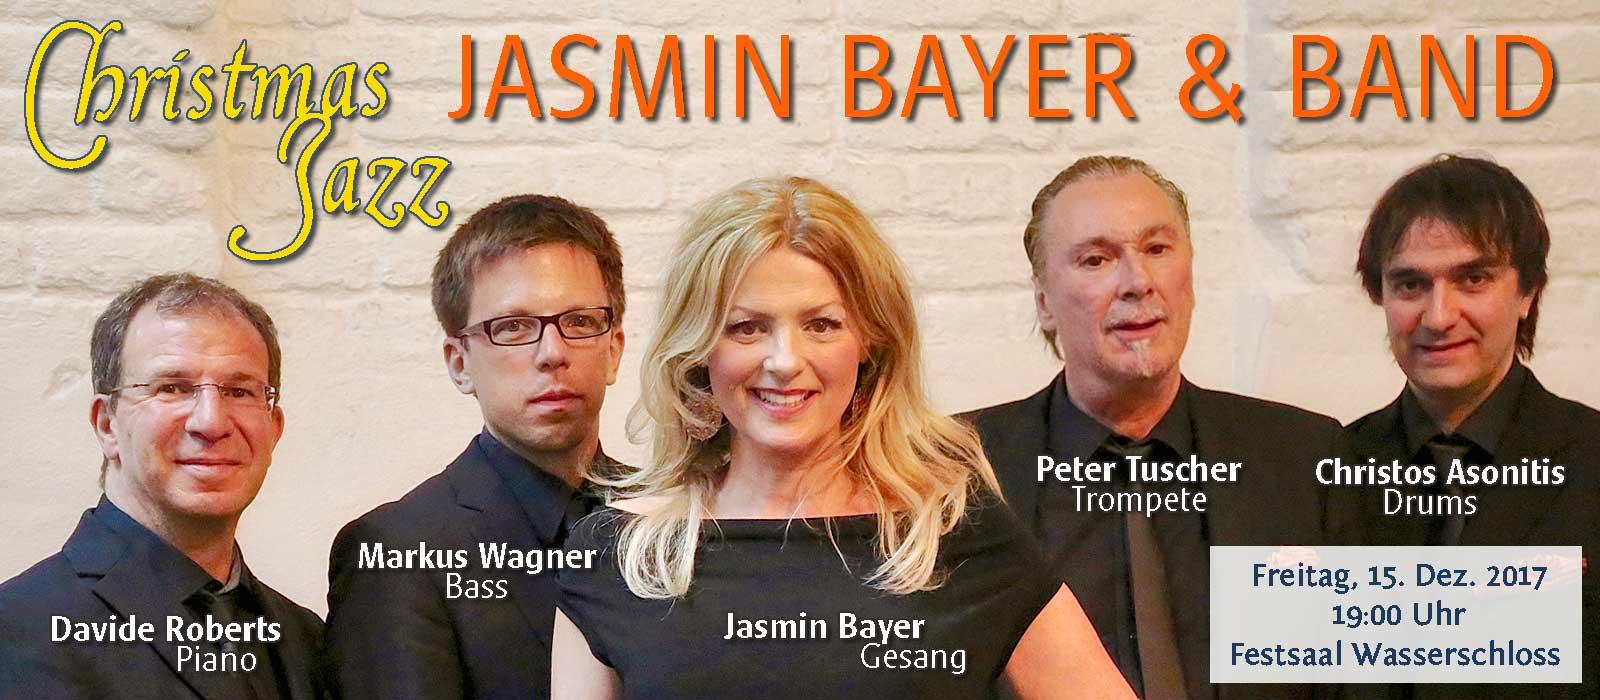 JASMIN BAYER & BAND